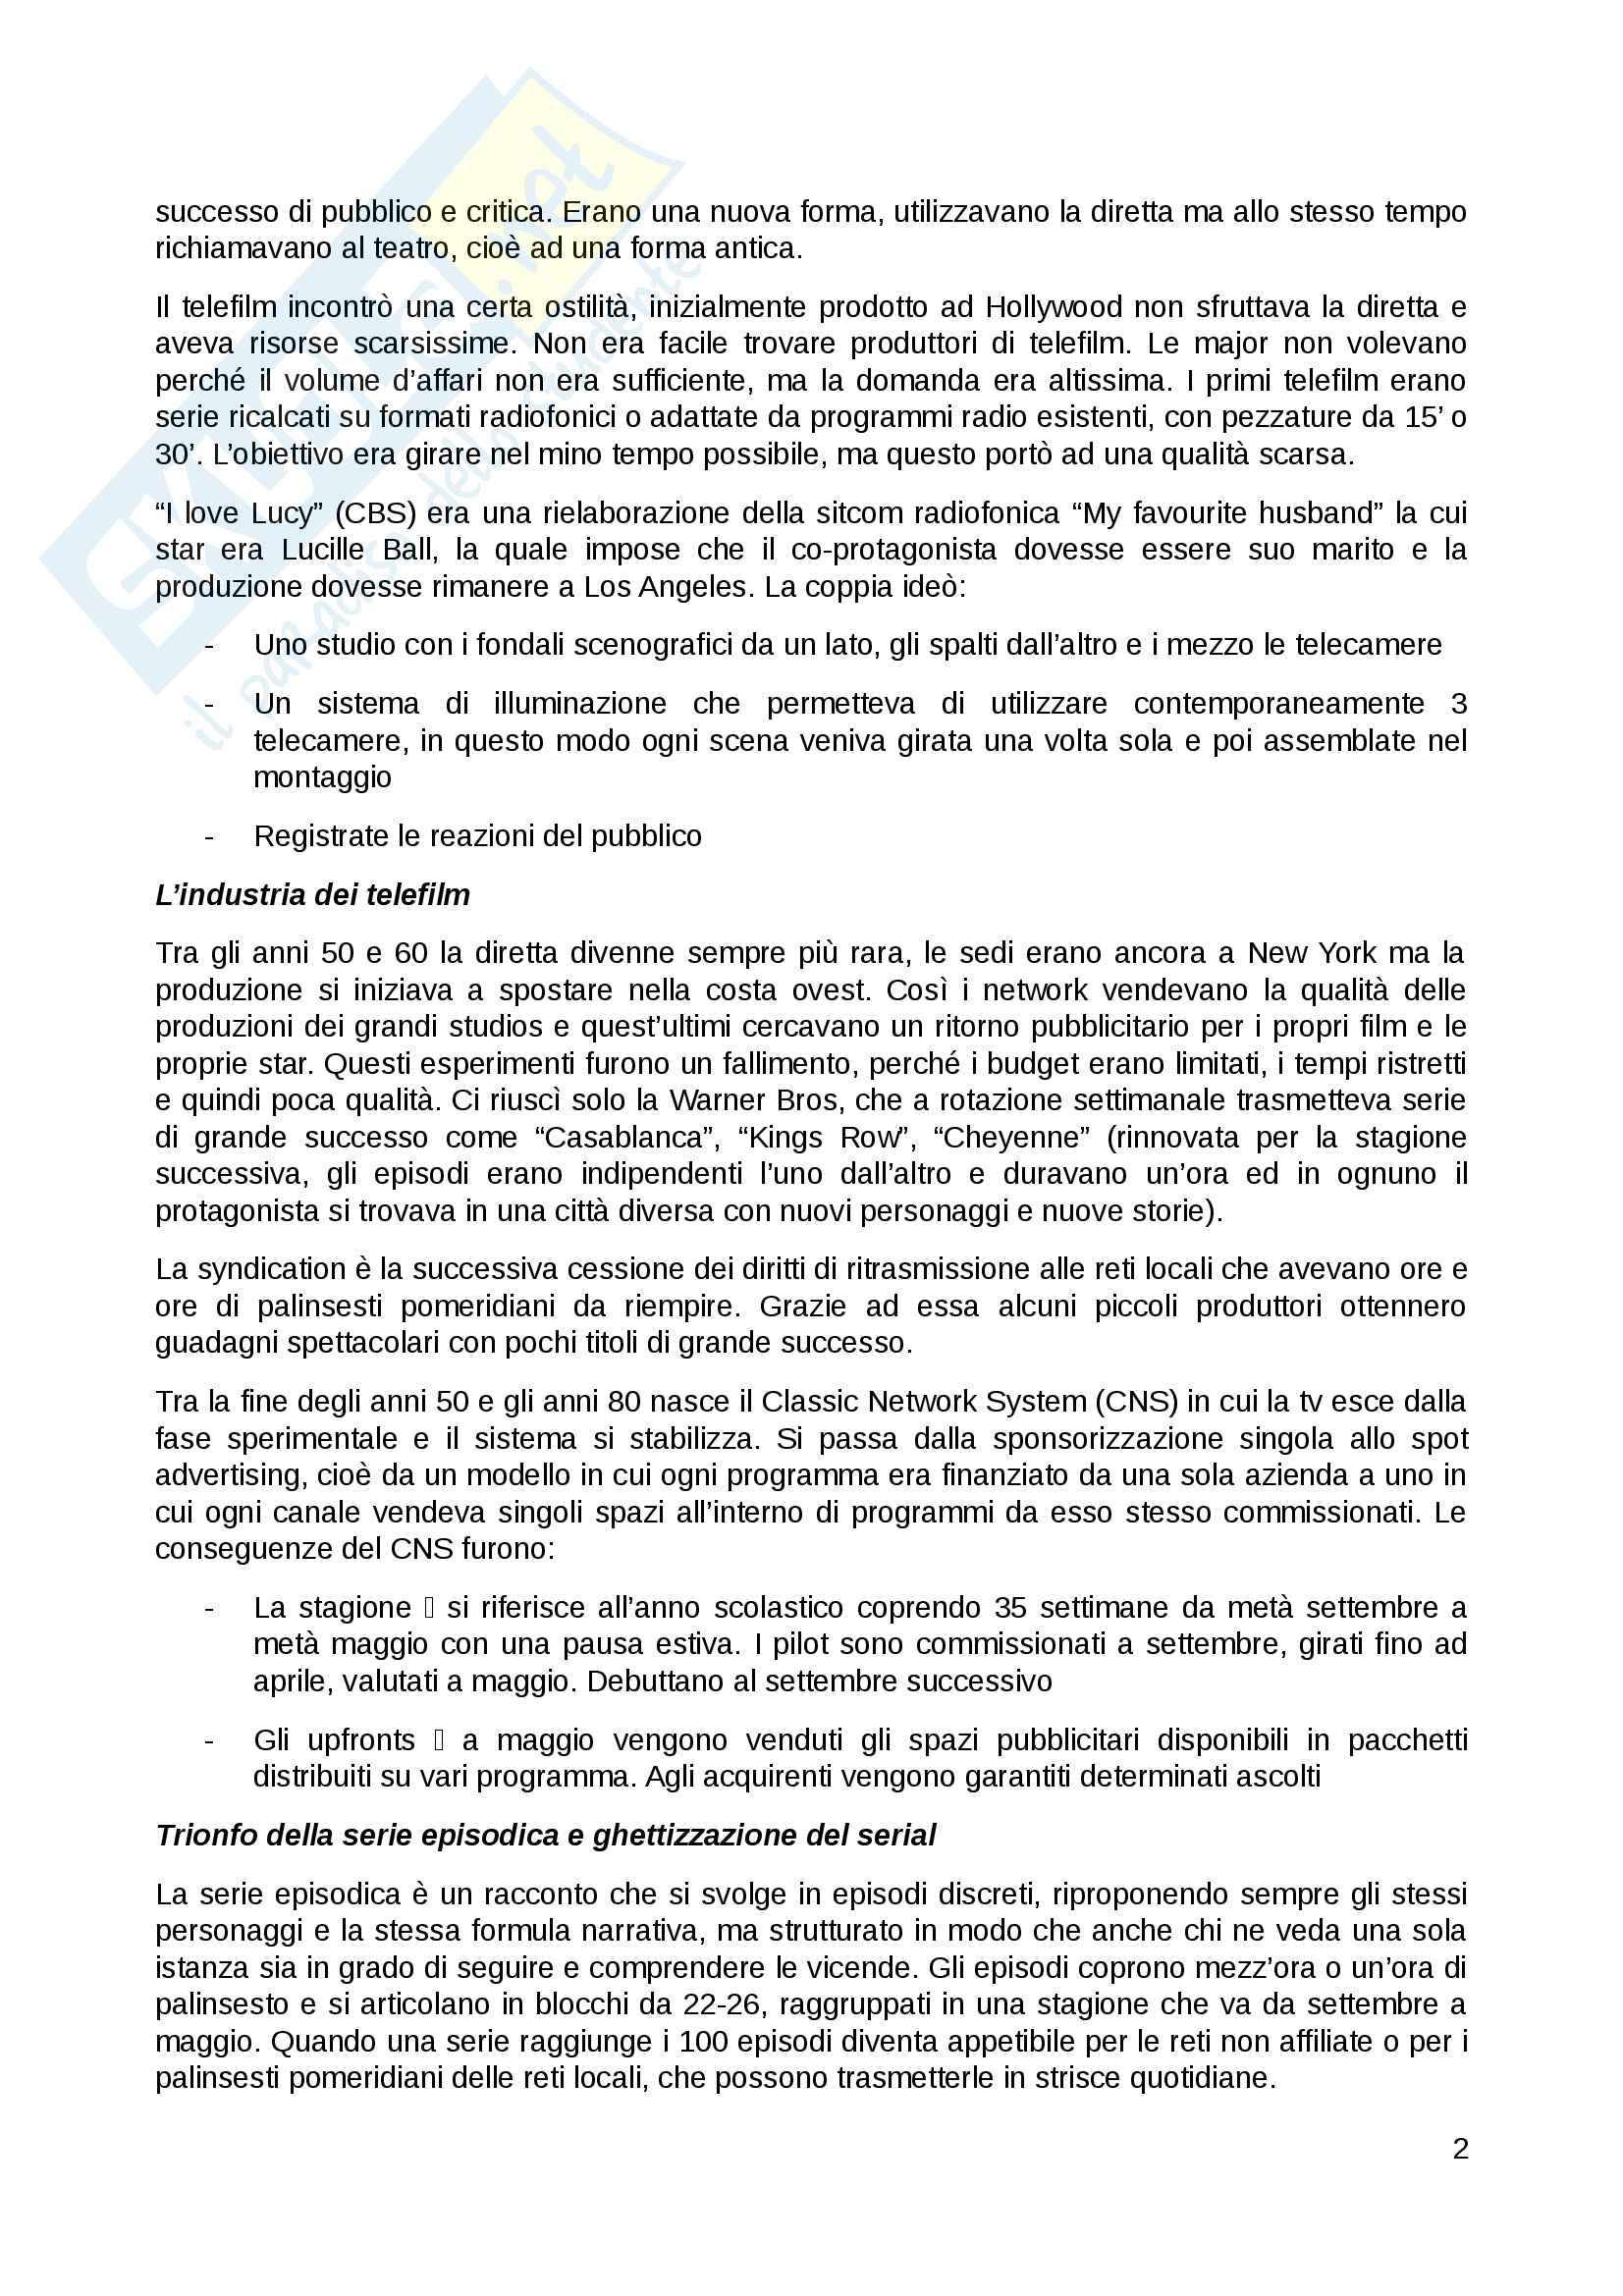 Riassunto esame Forme e generi dello spettacolo radiotelevisivo, prof. Pollone, libro consigliato Le serie TV di Gianluigi Rossini Pag. 2